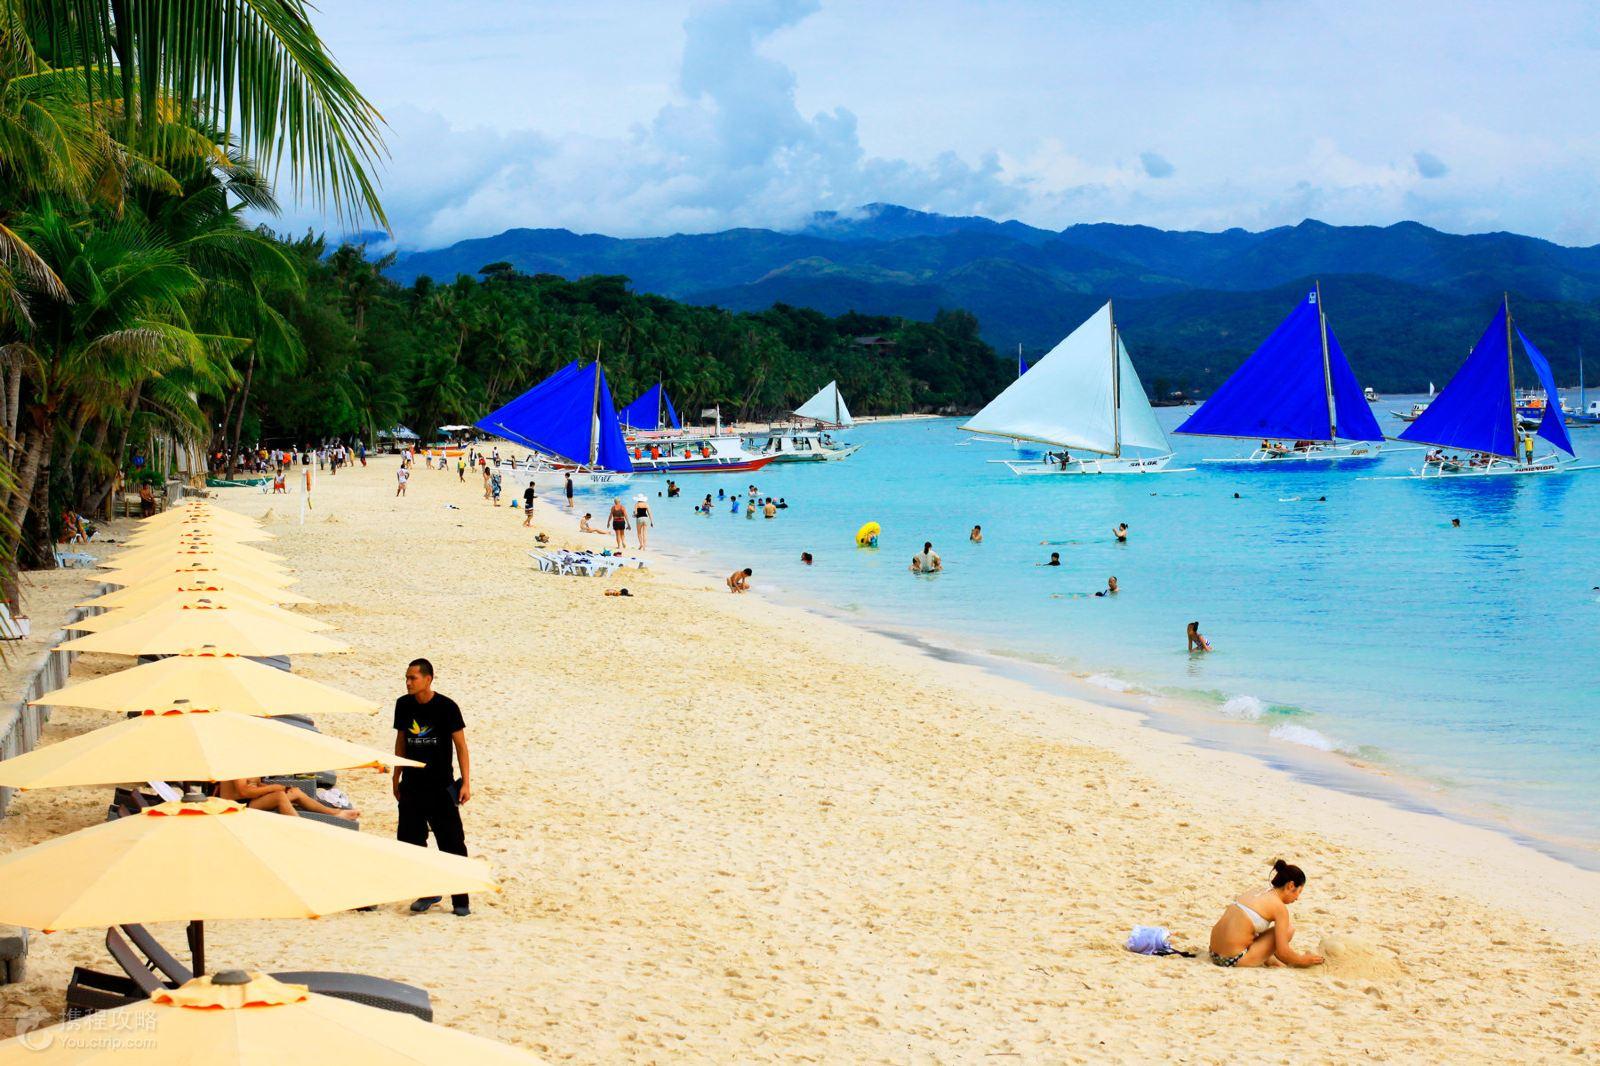 菲律宾长滩岛5日4晚半自助游(4钻)·国庆预售